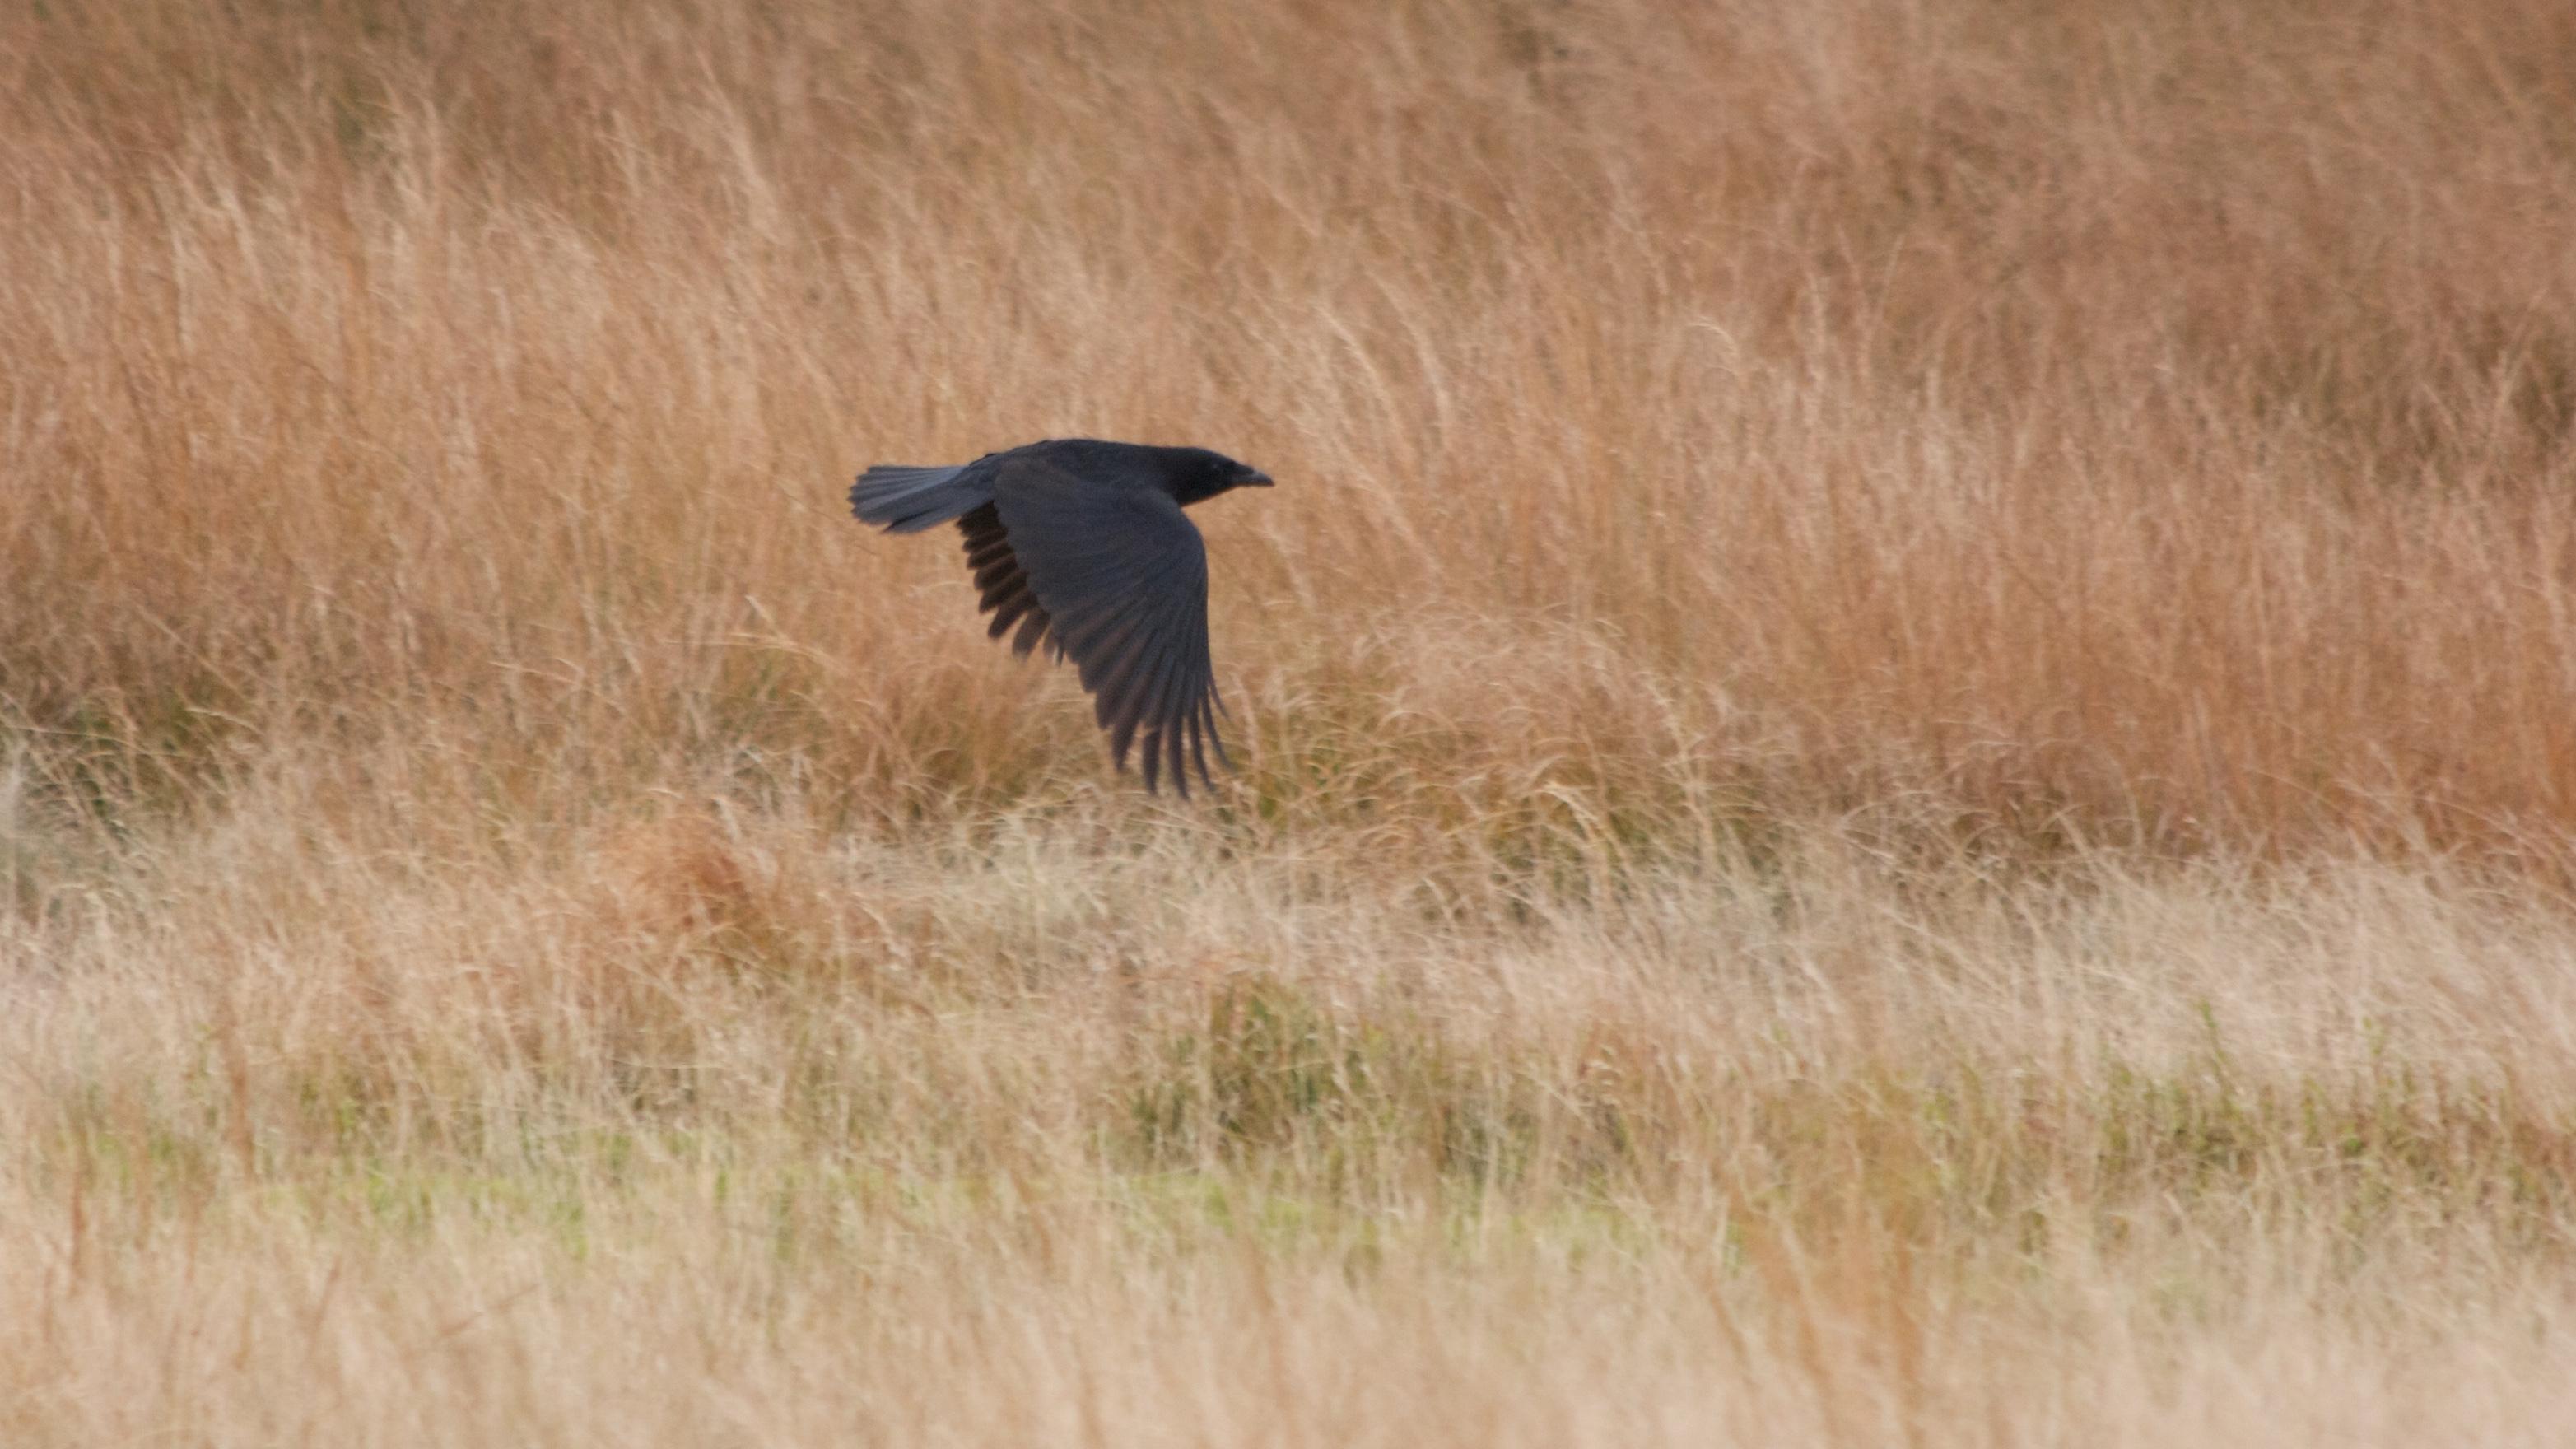 Carrion Crow on Marsden Moor near Pule Hill